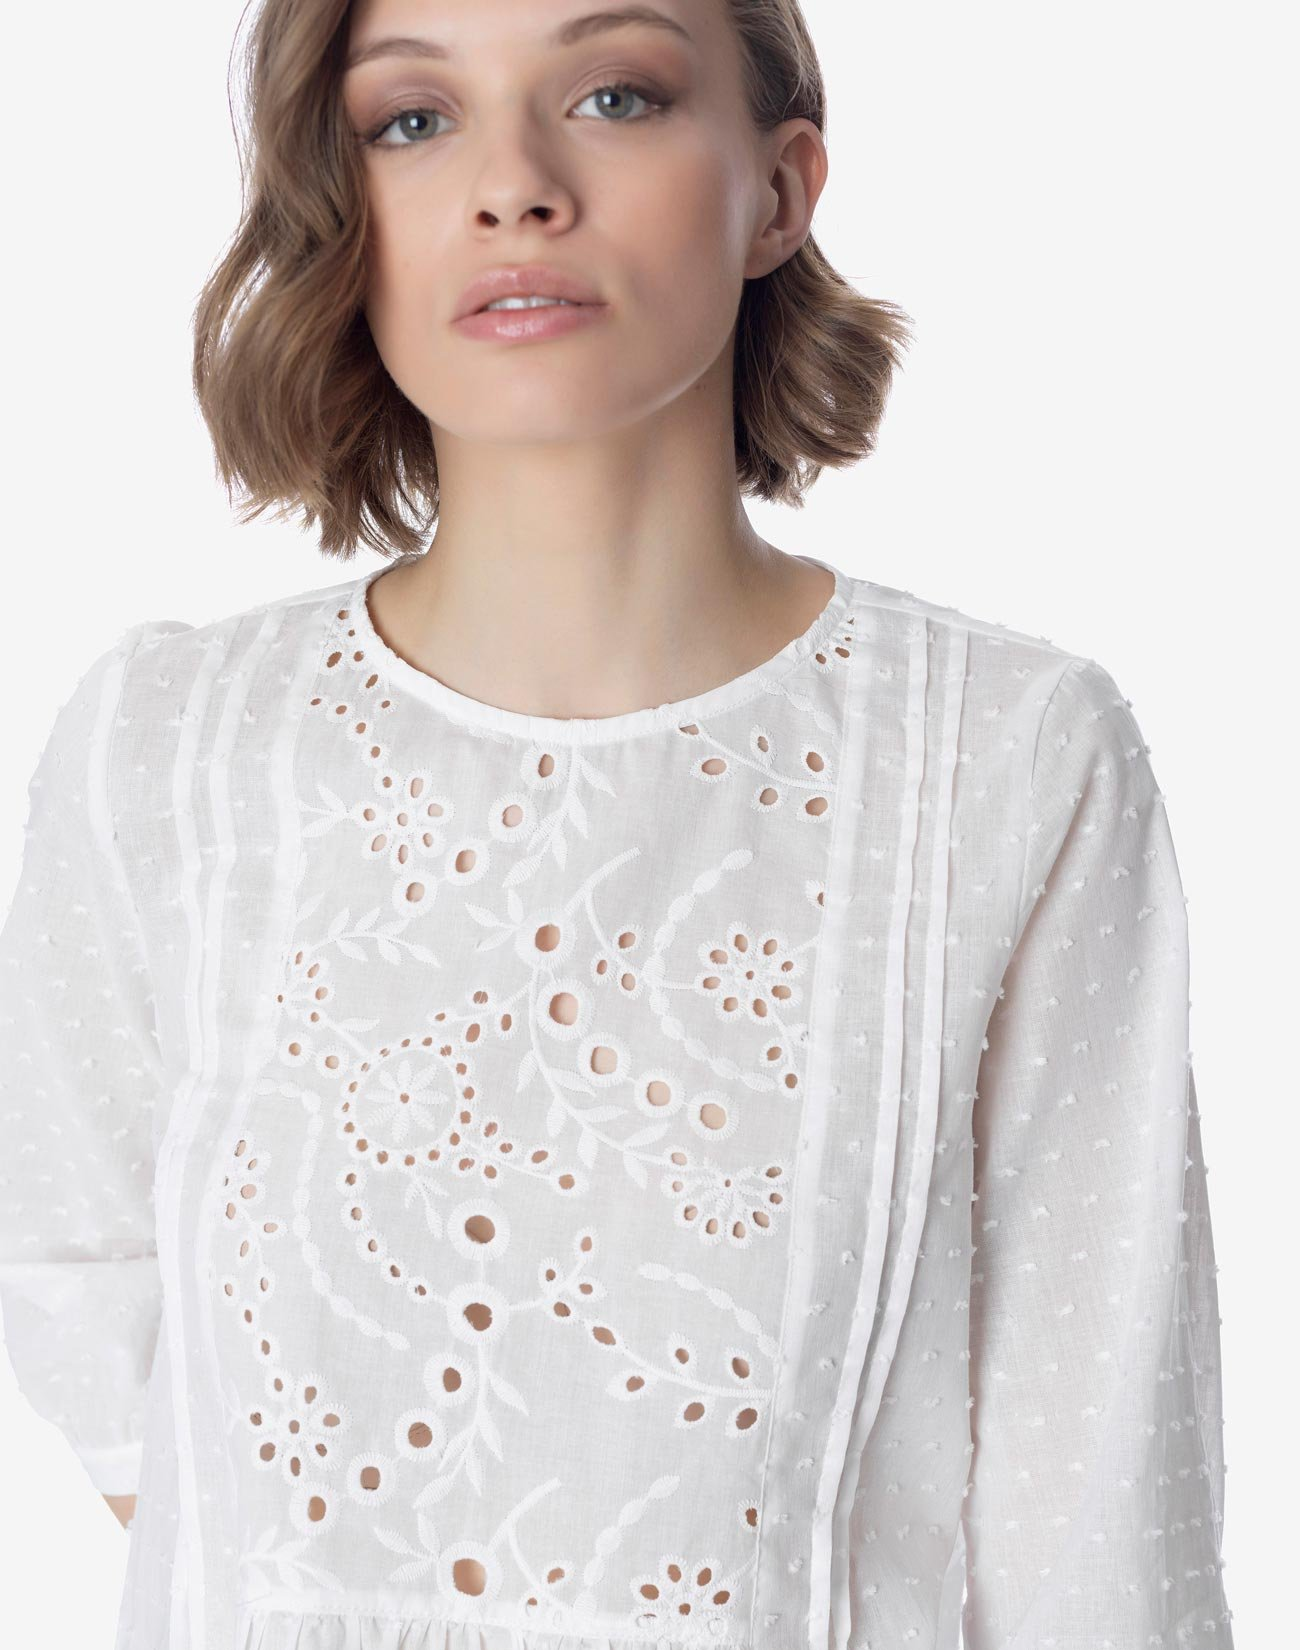 Μπλούζα με ασπροκέντημα